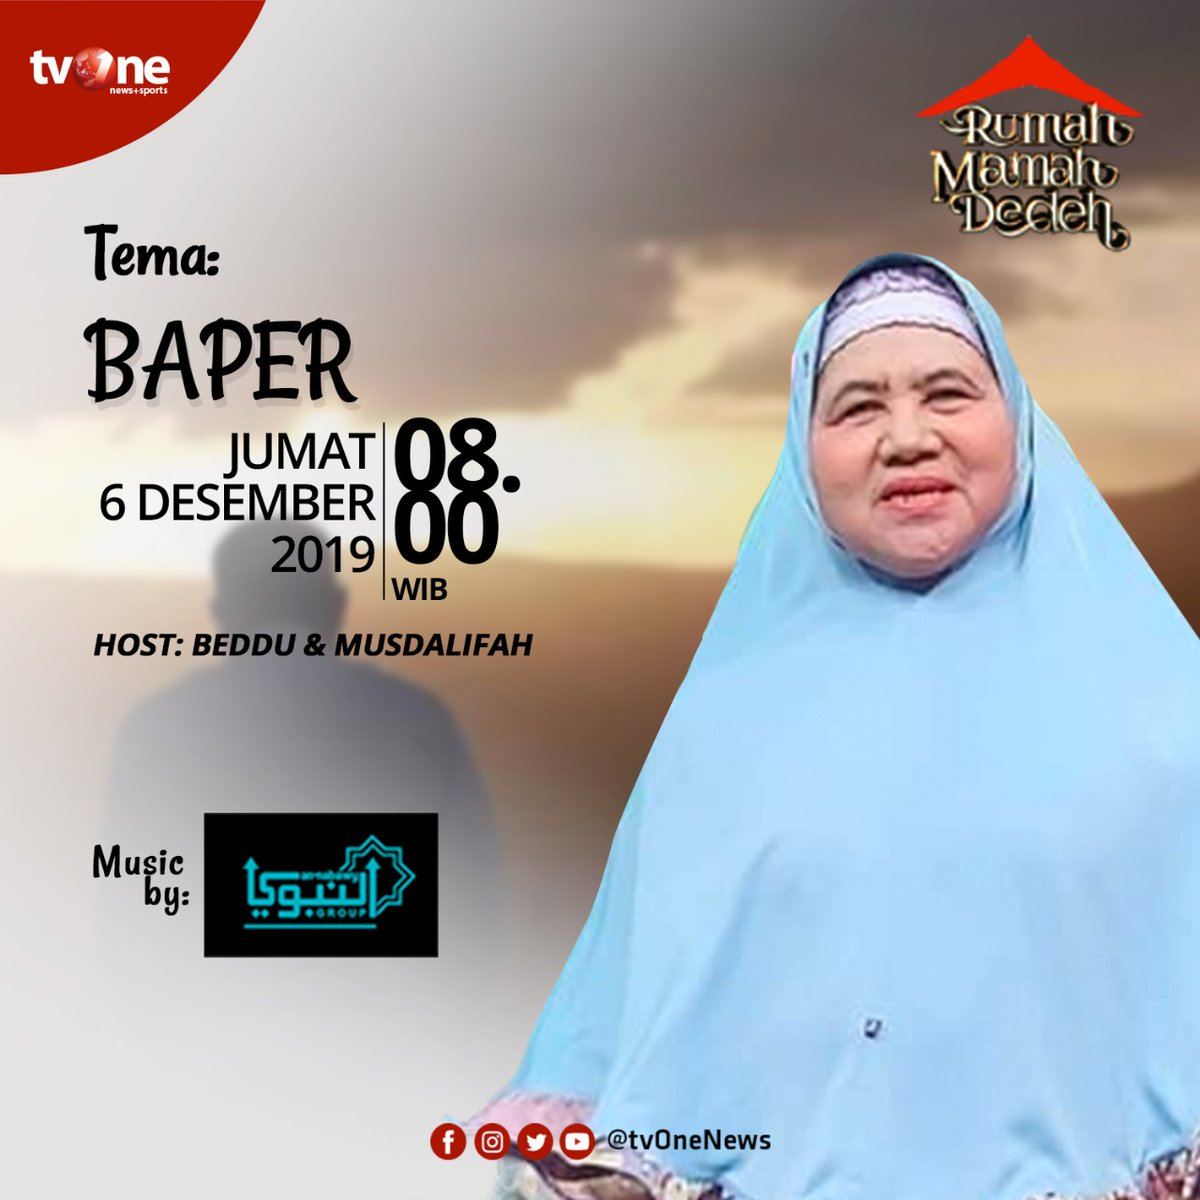 """Jangan lewatkan ceramah Rumah Mamah Dedeh dengan tema: """"Baper"""".Jumat, 6 Desember 2019 jam 08.00 WIB hanya di tvOne & streaming tvOne connect.#RumahMamahDedeh #MamahDedehditvOne"""